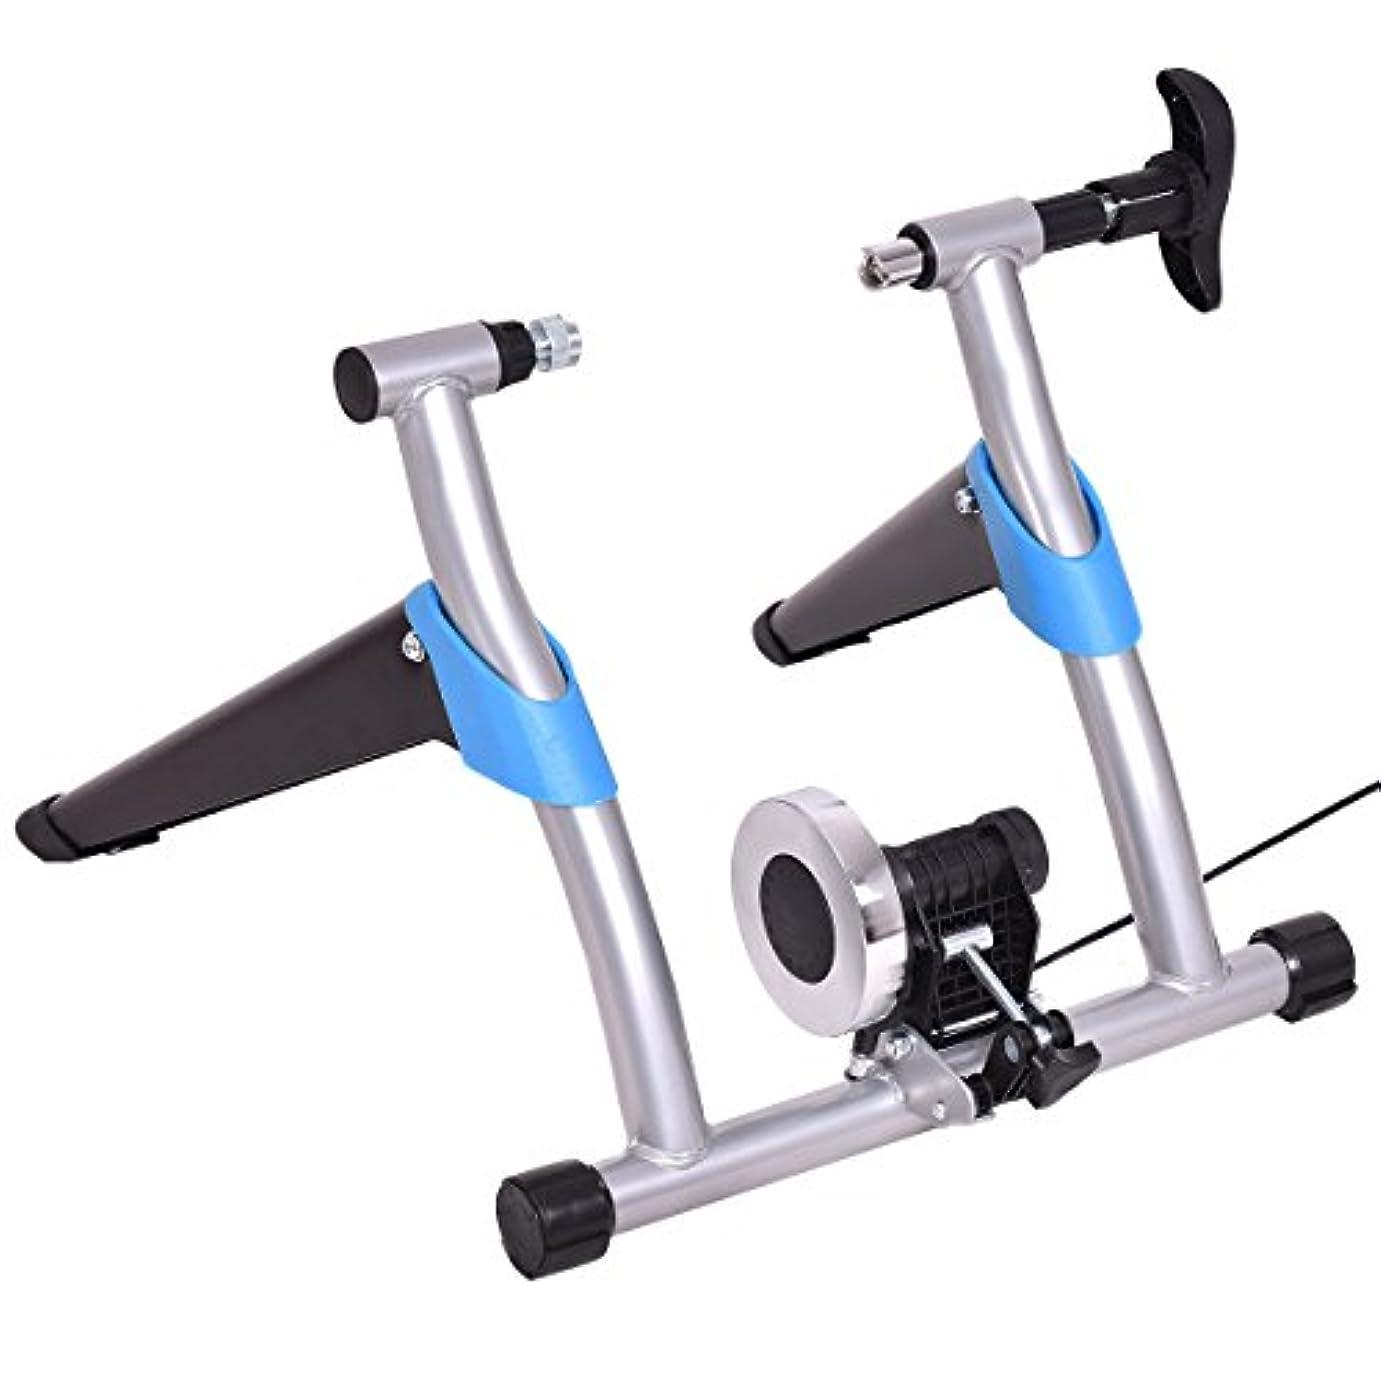 ビートコークス職人Goplus バイクトレーナースタンド ポータブル エクササイズ 自転車トレーナー 固定磁気抵抗マシン 静かでスムーズなペダリング 8段階調節可能 シルバー